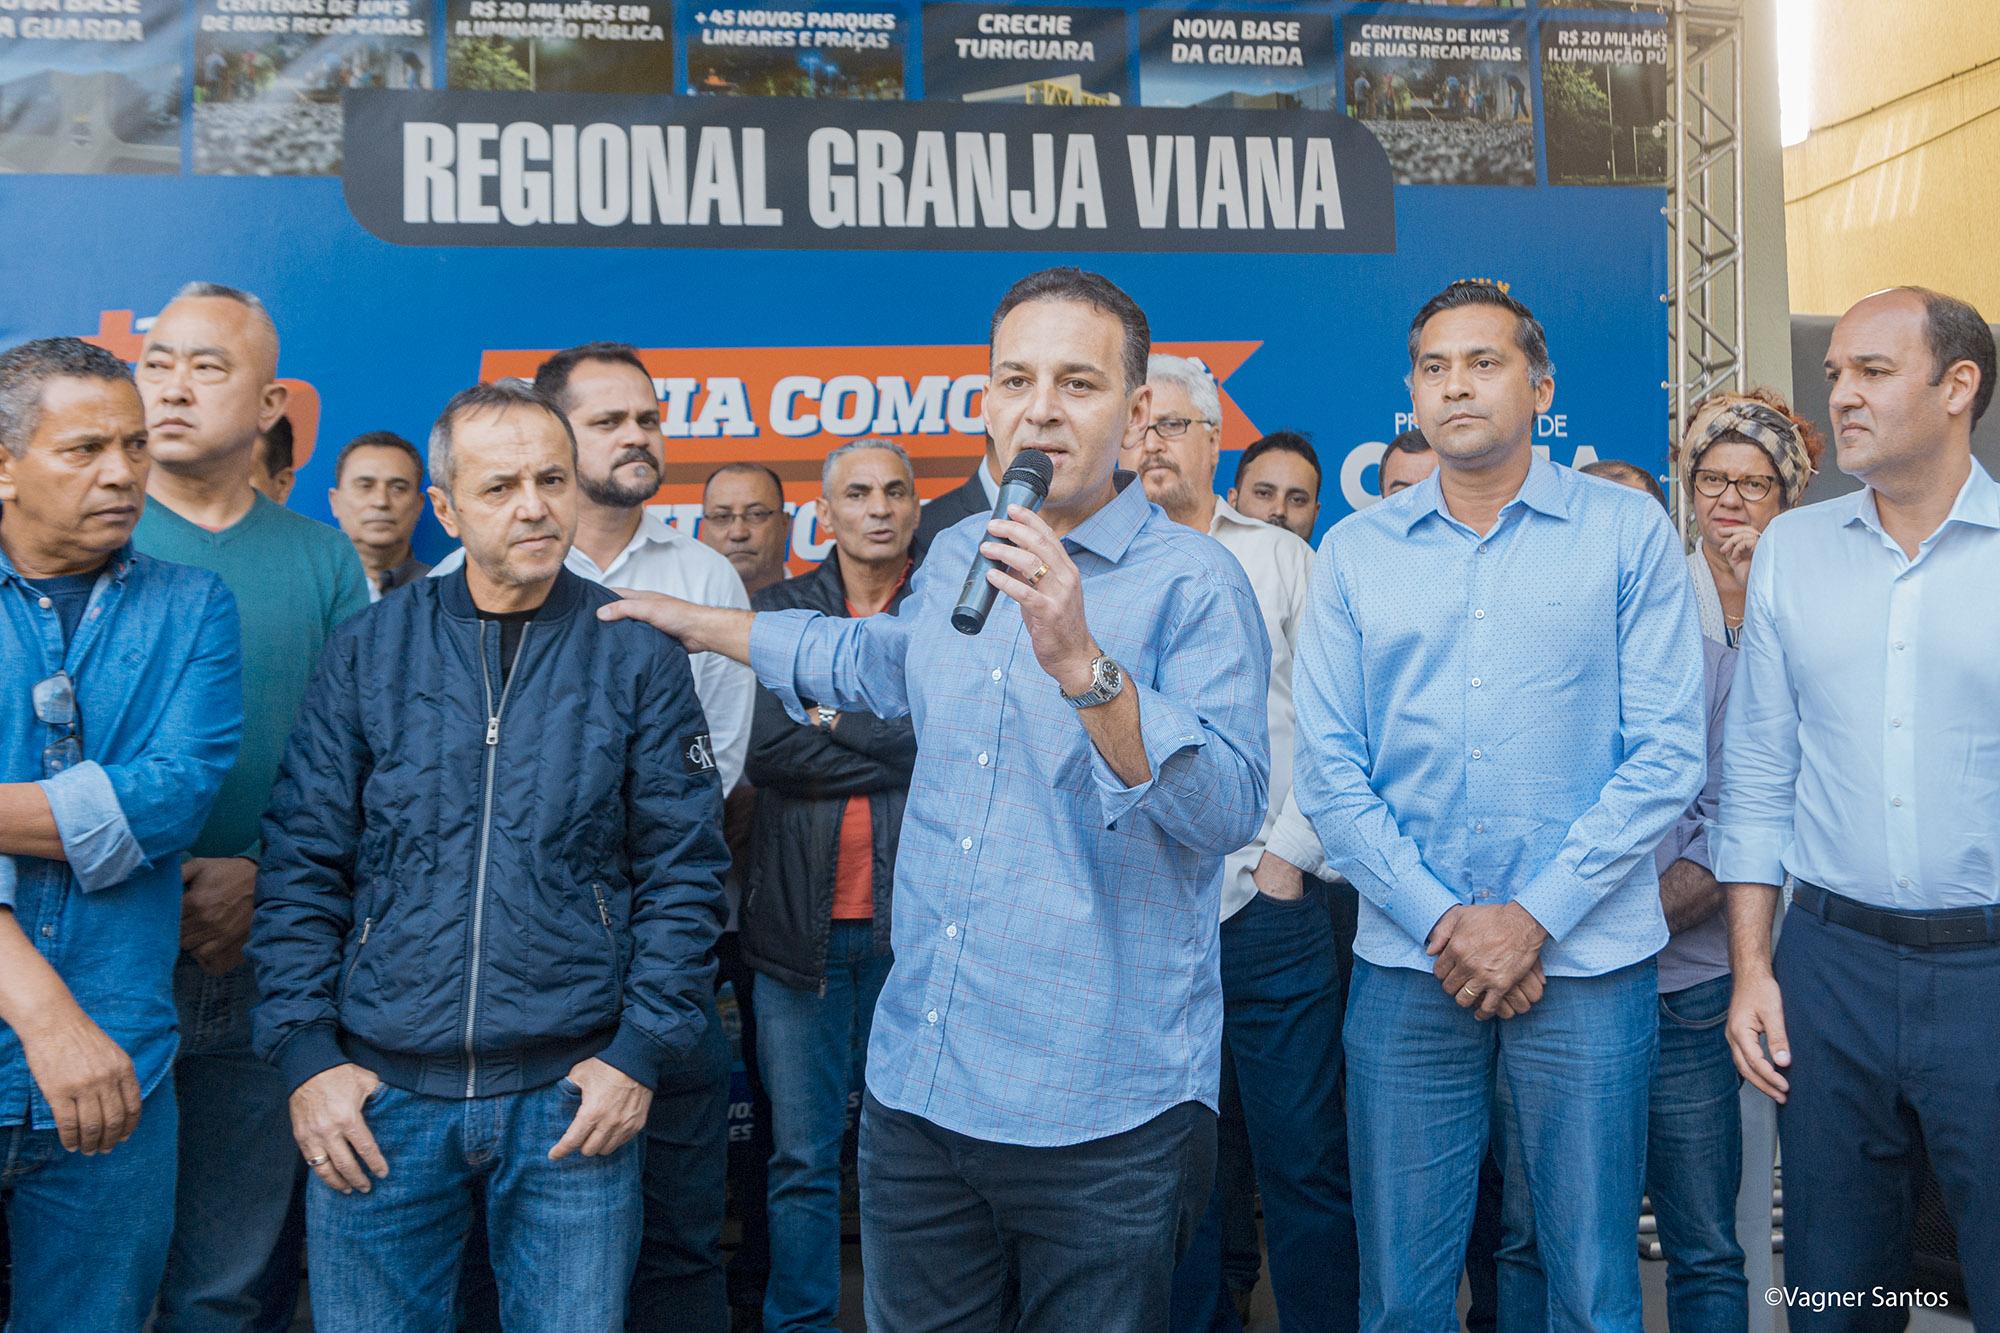 Prefeitura entrega a nova Regional da Granja Viana e sede da Secretaria de Desenvolvimento Urbano